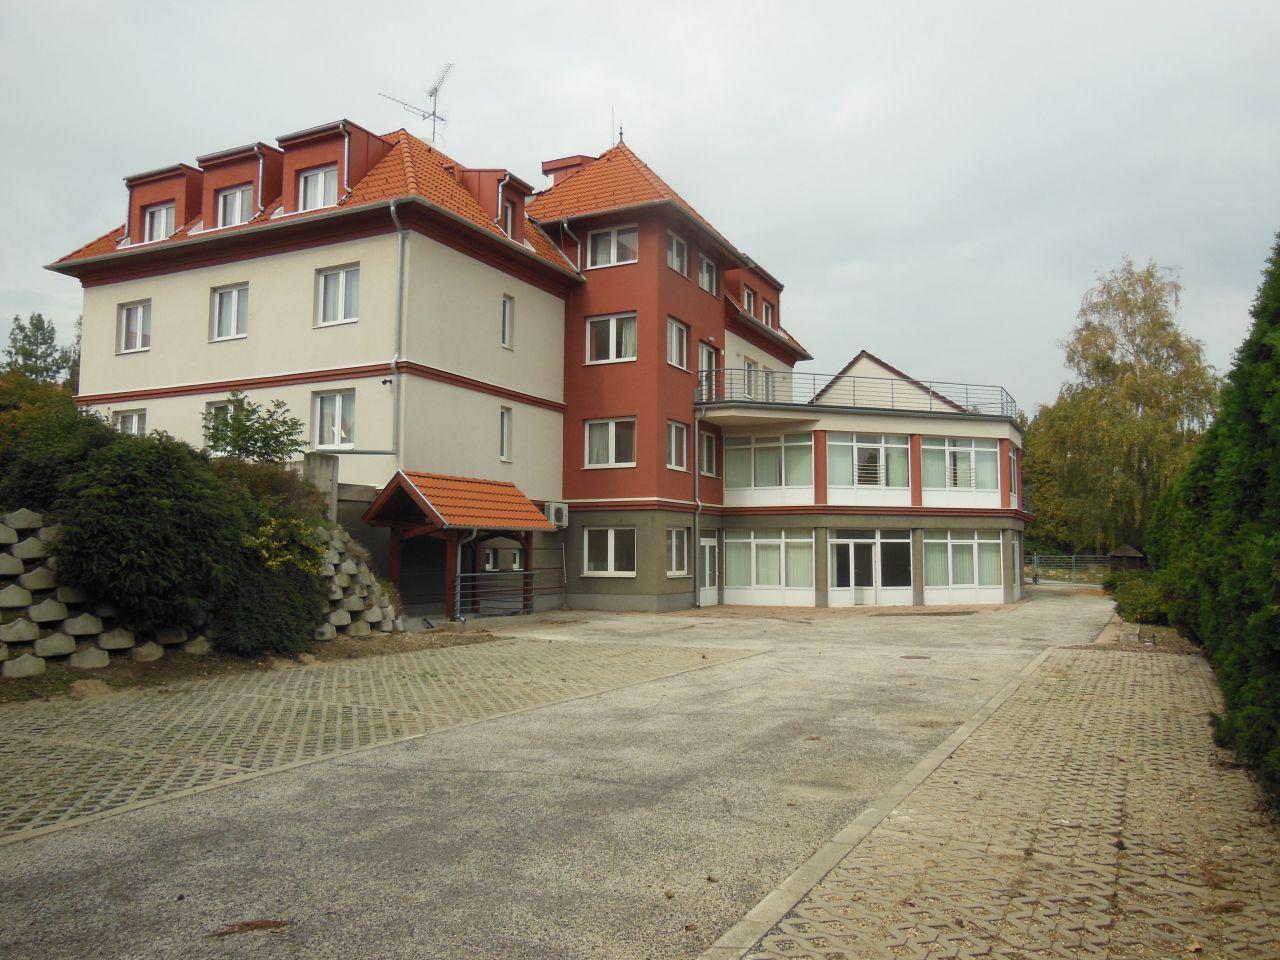 Коммерческая недвижимость в хевизе венгрия недвижимость краснодара без посредников аренда офиса